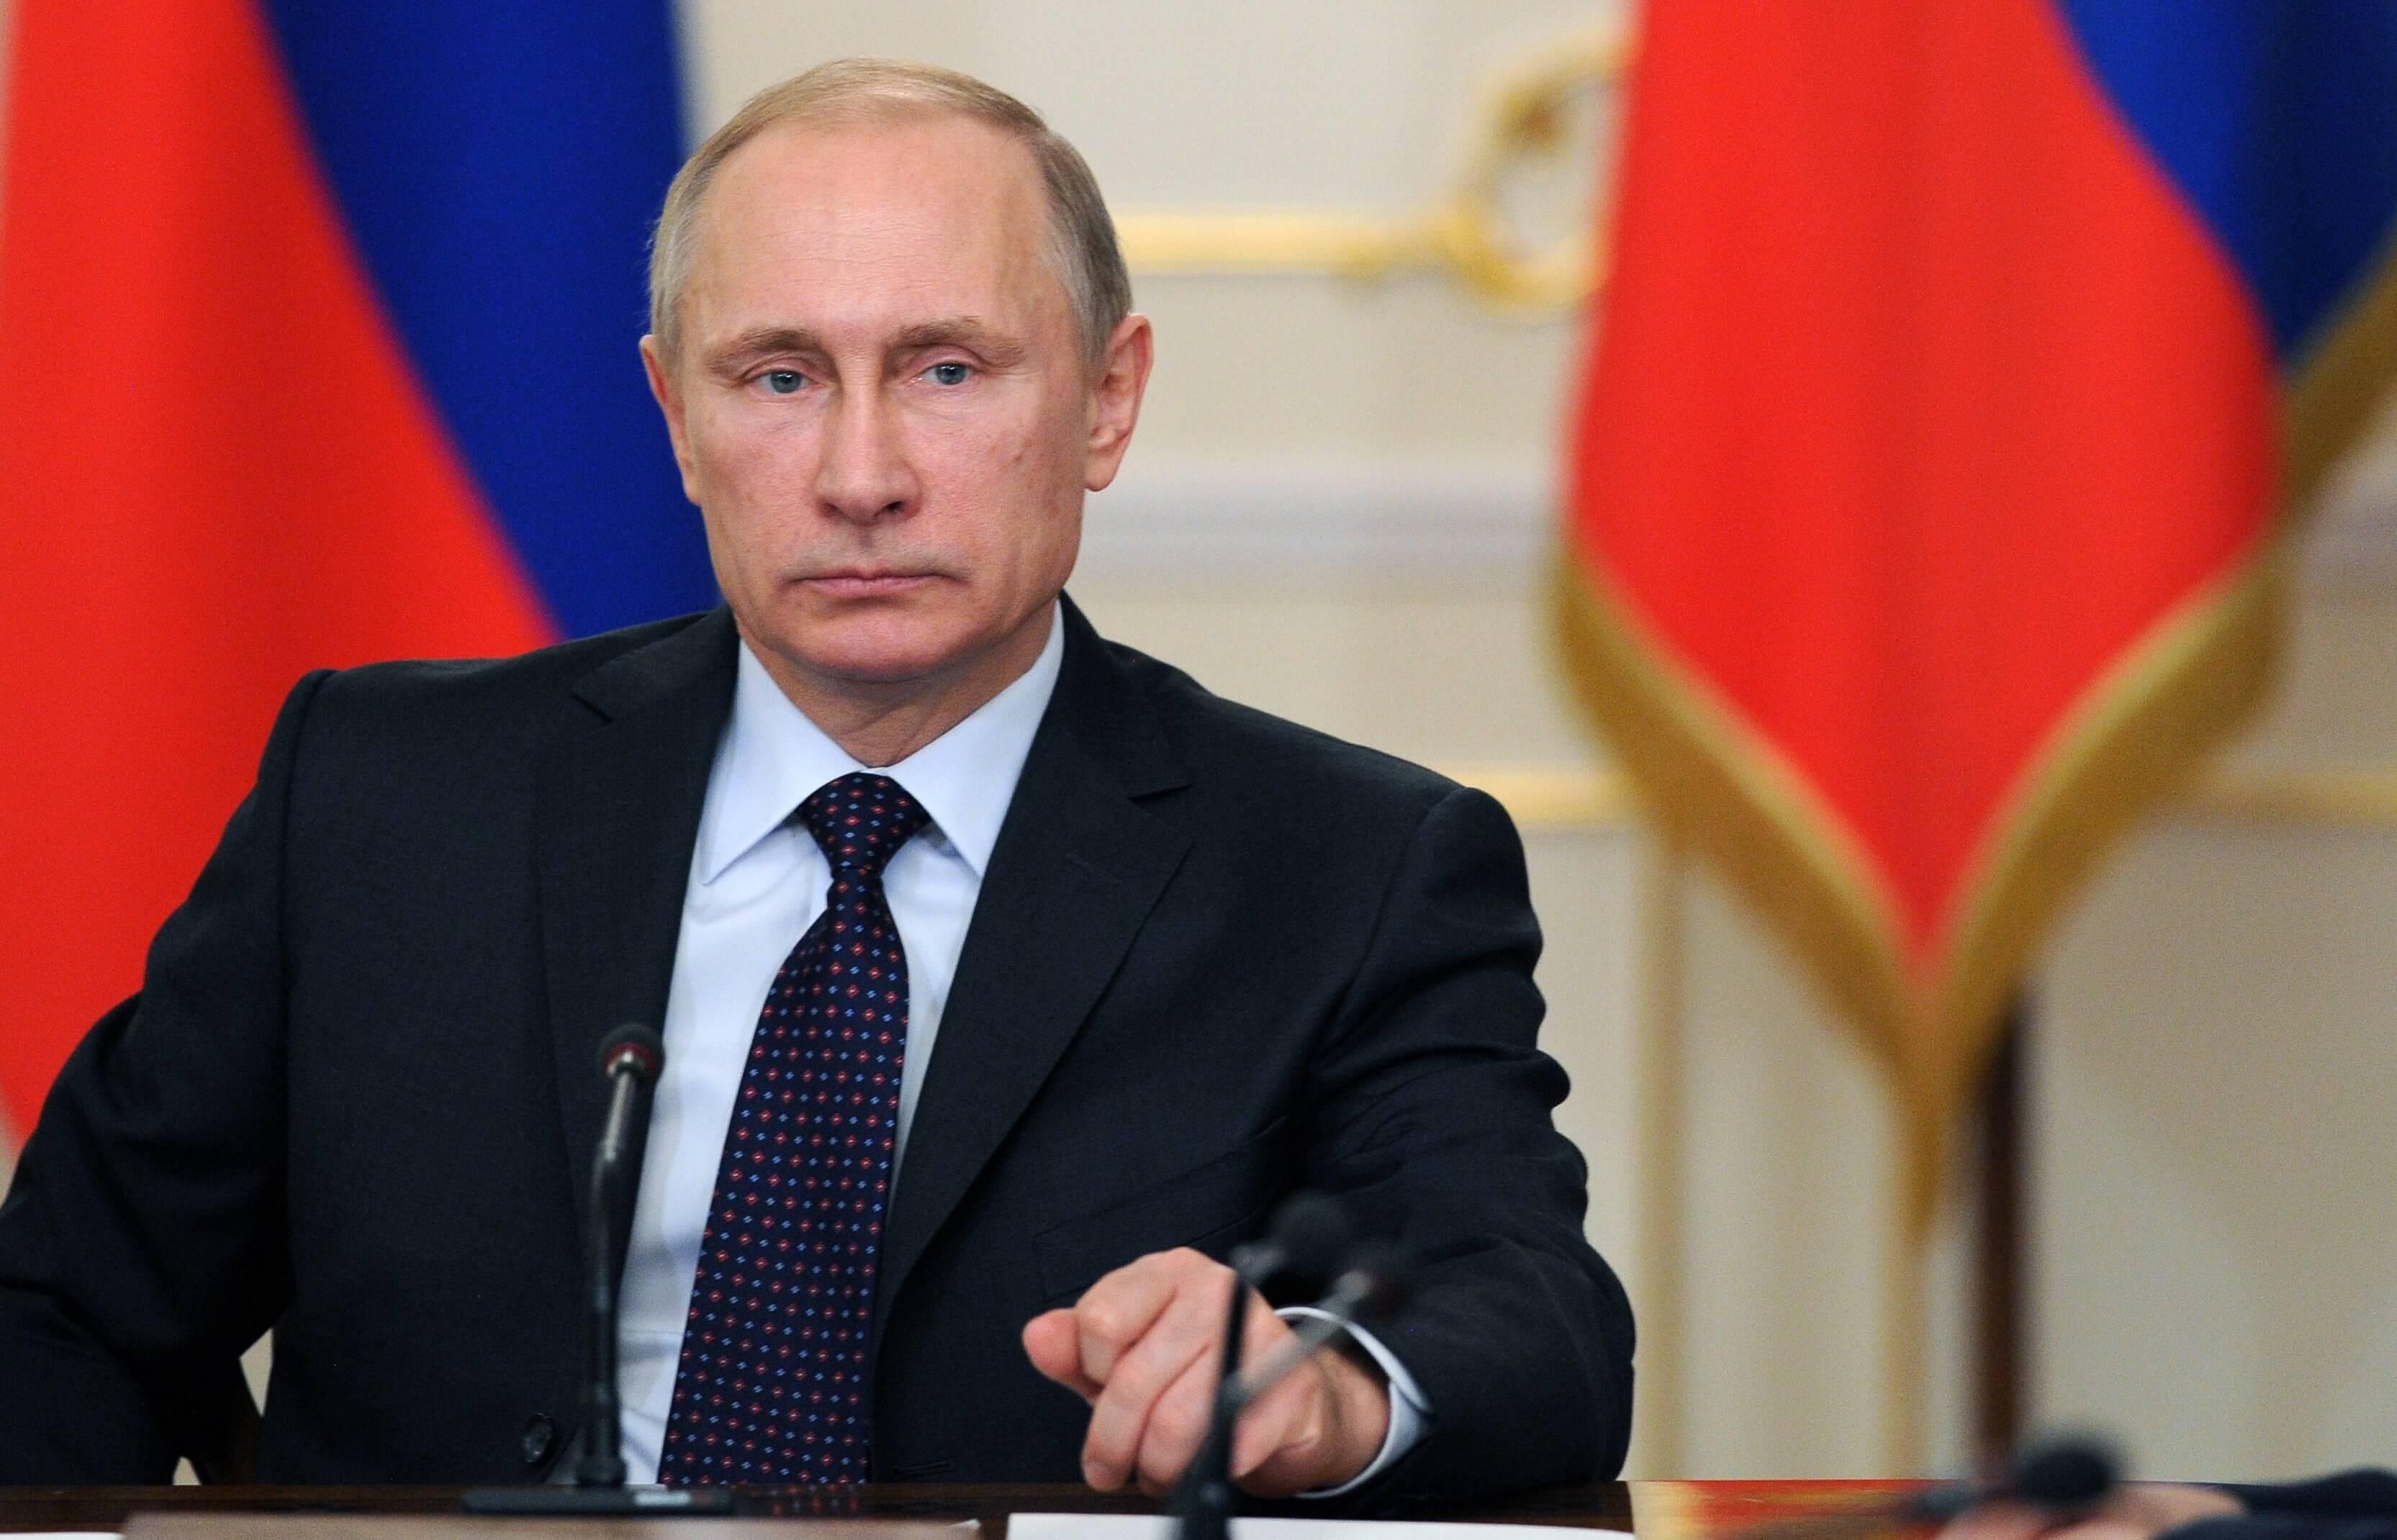 Президент Владимир Путин выступит с новым обращением к жителям России